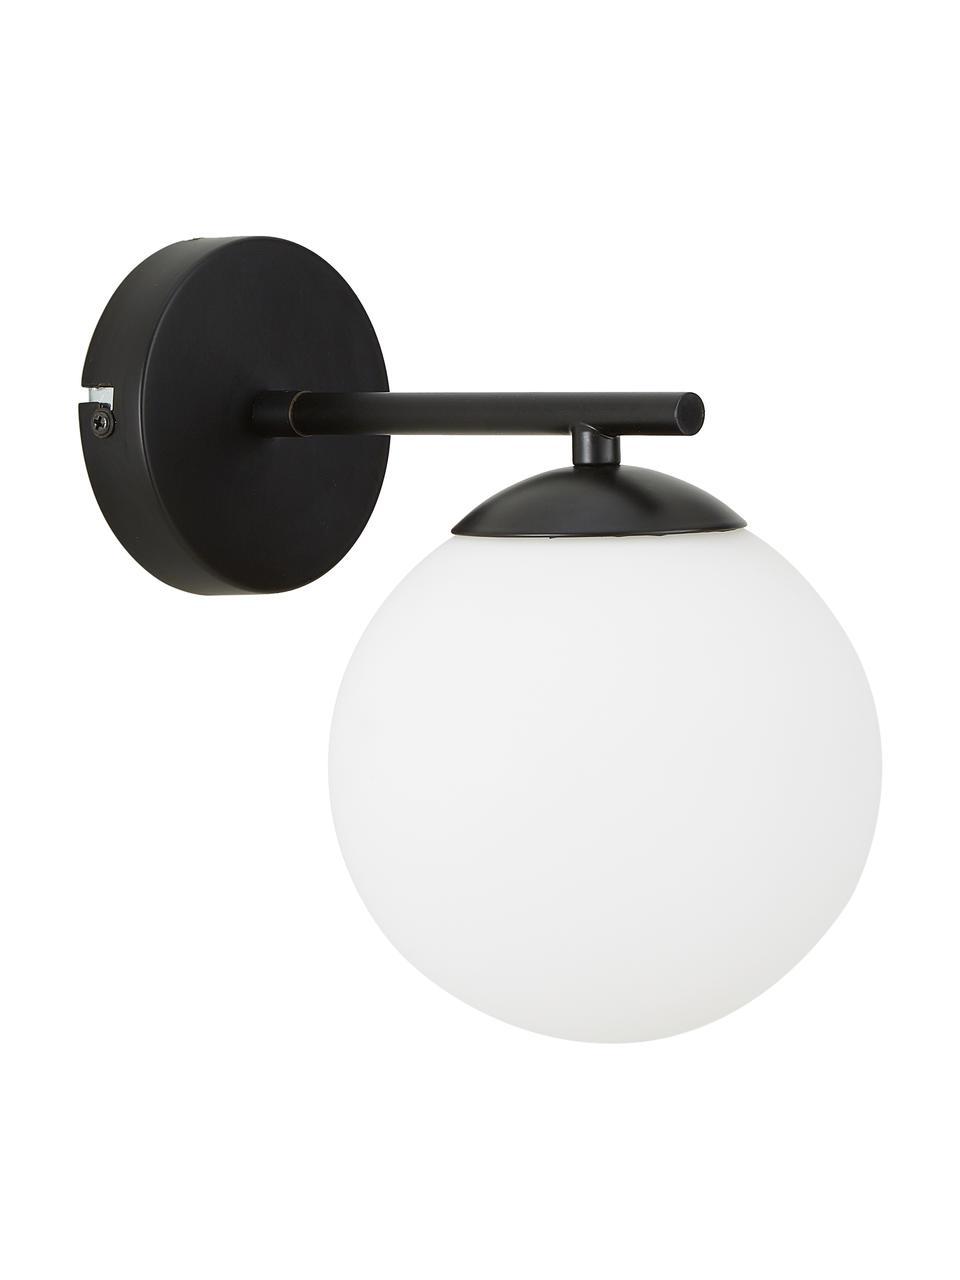 Kinkiet ze szkła opalowego Liv, Stelaż: metal malowany proszkowo, Biały, czarny, S 15 x W 22 cm